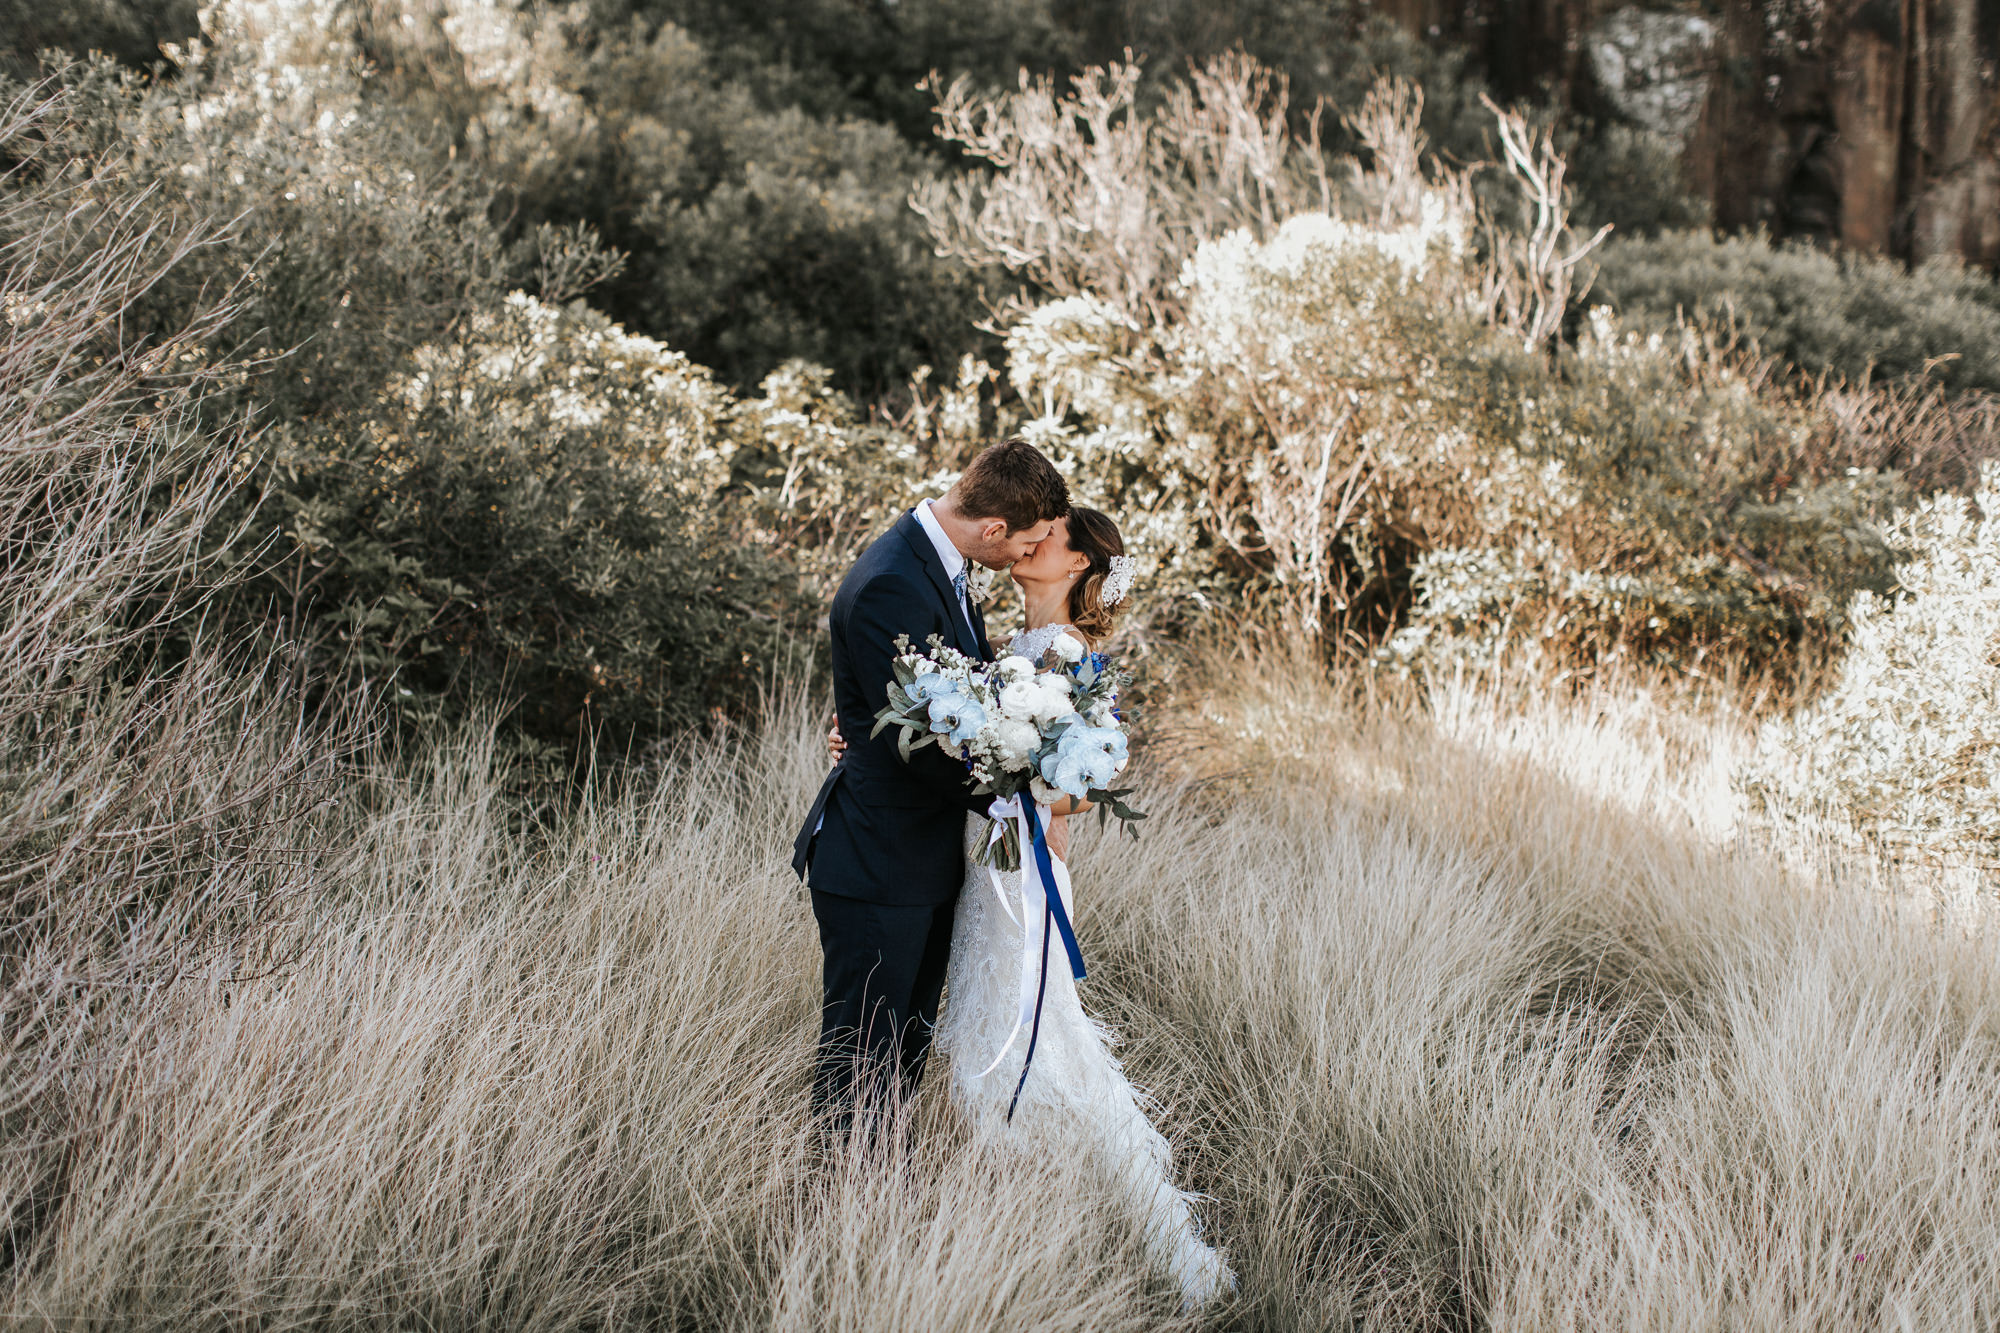 sebel-kiama-wedding-kaylee-braeden-34.jpg